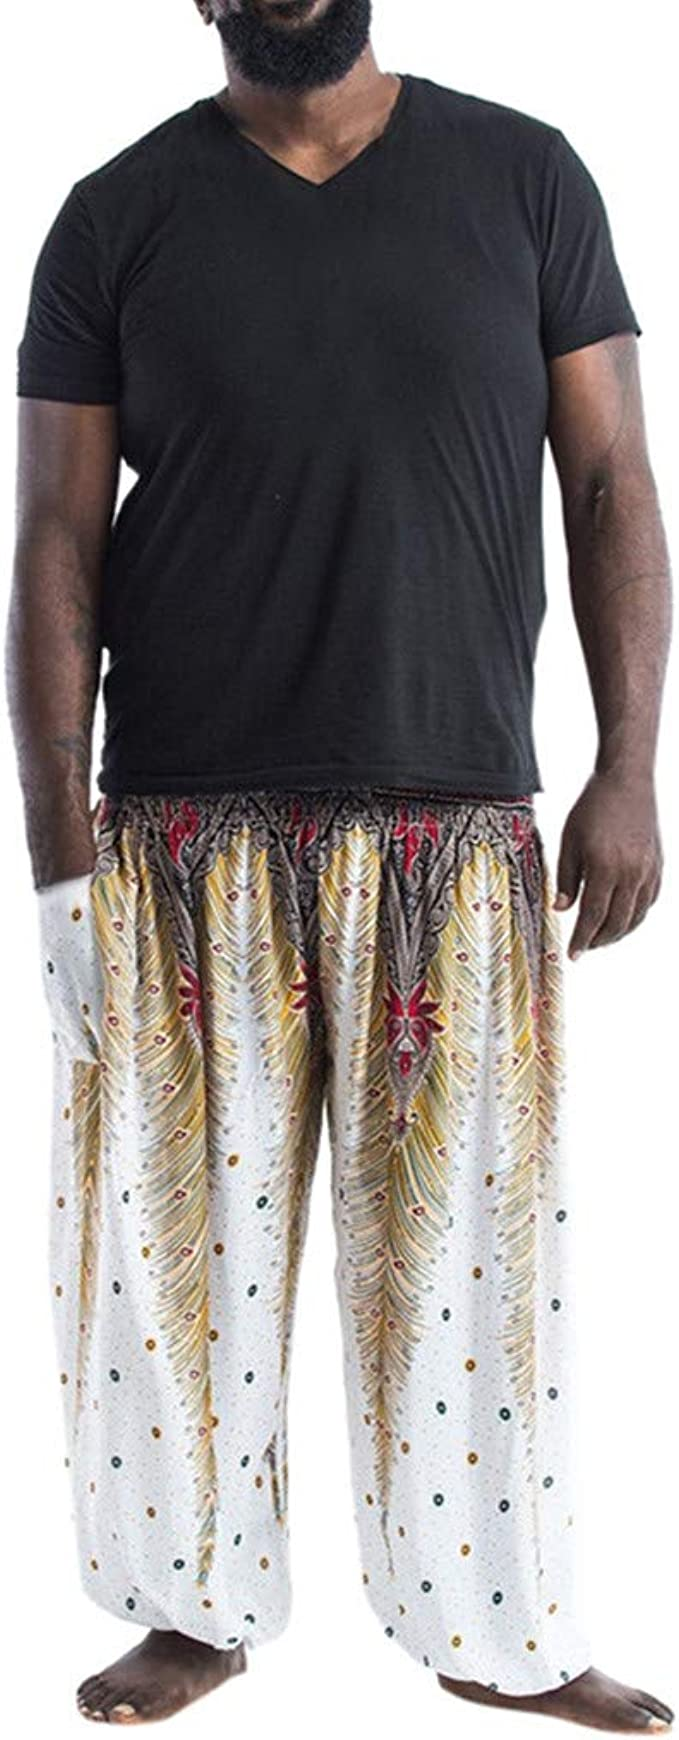 Pijamas kiabi hombre